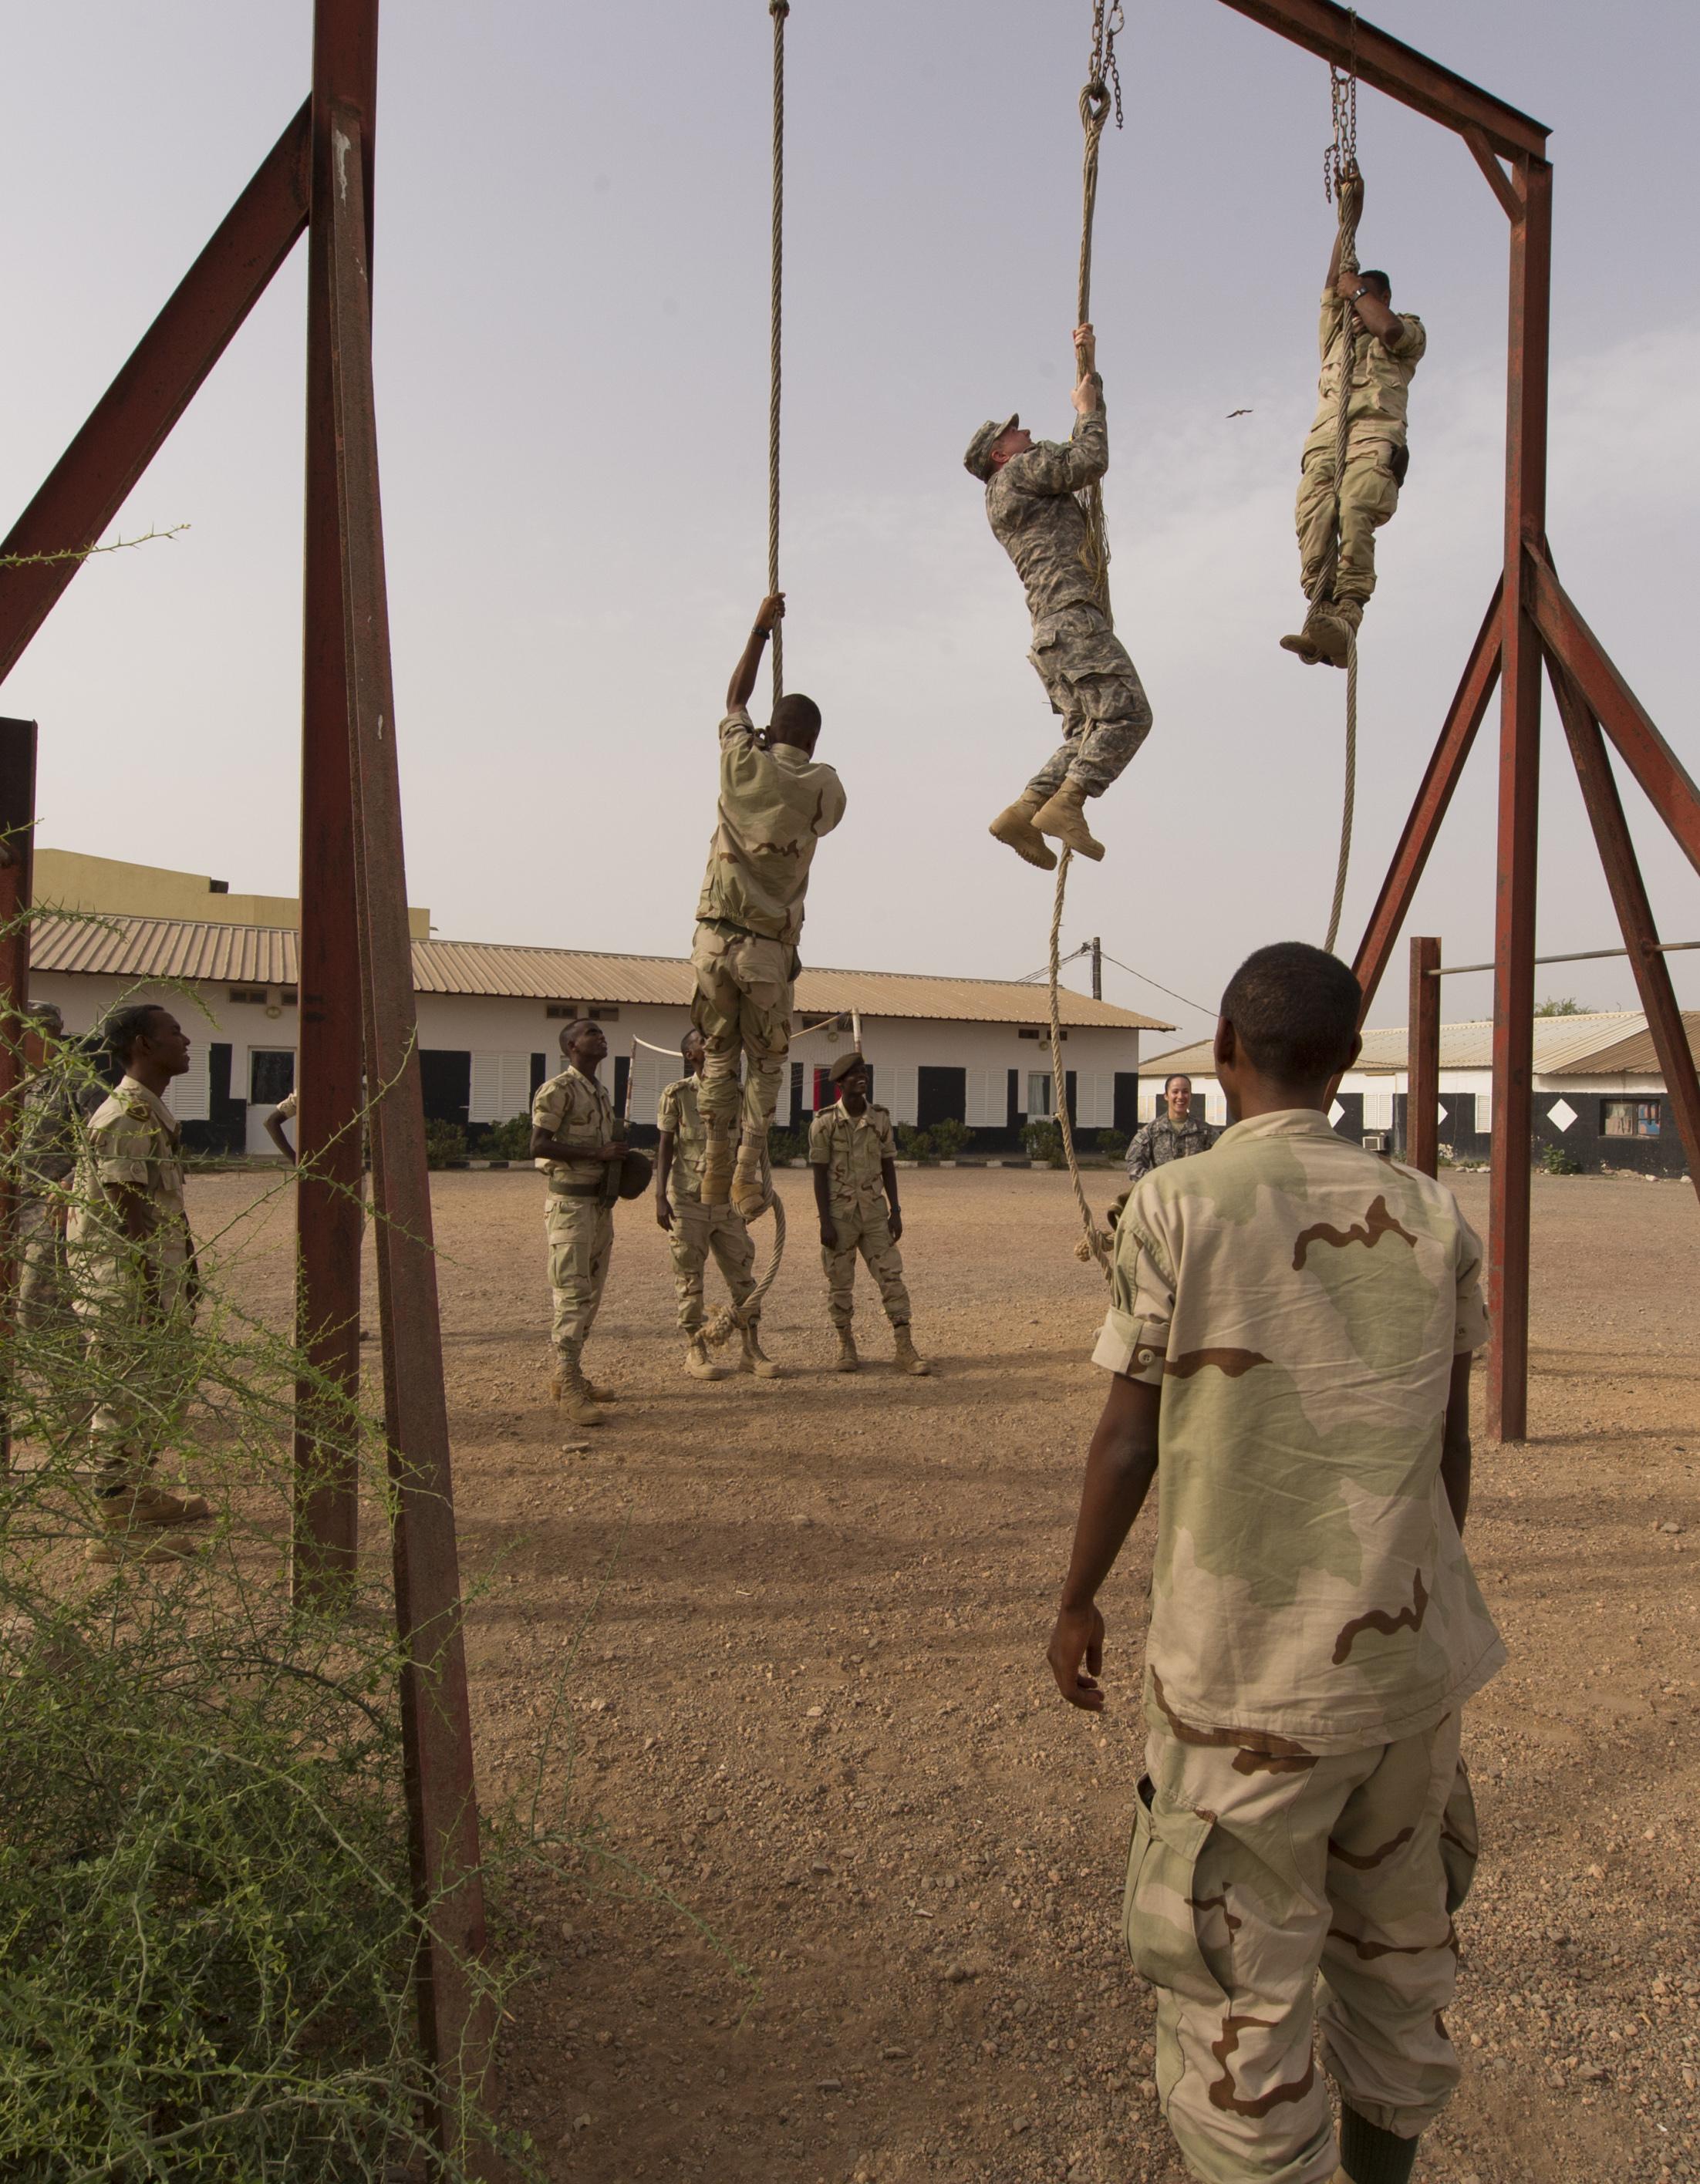 filecjtfhoa personnel share english through military